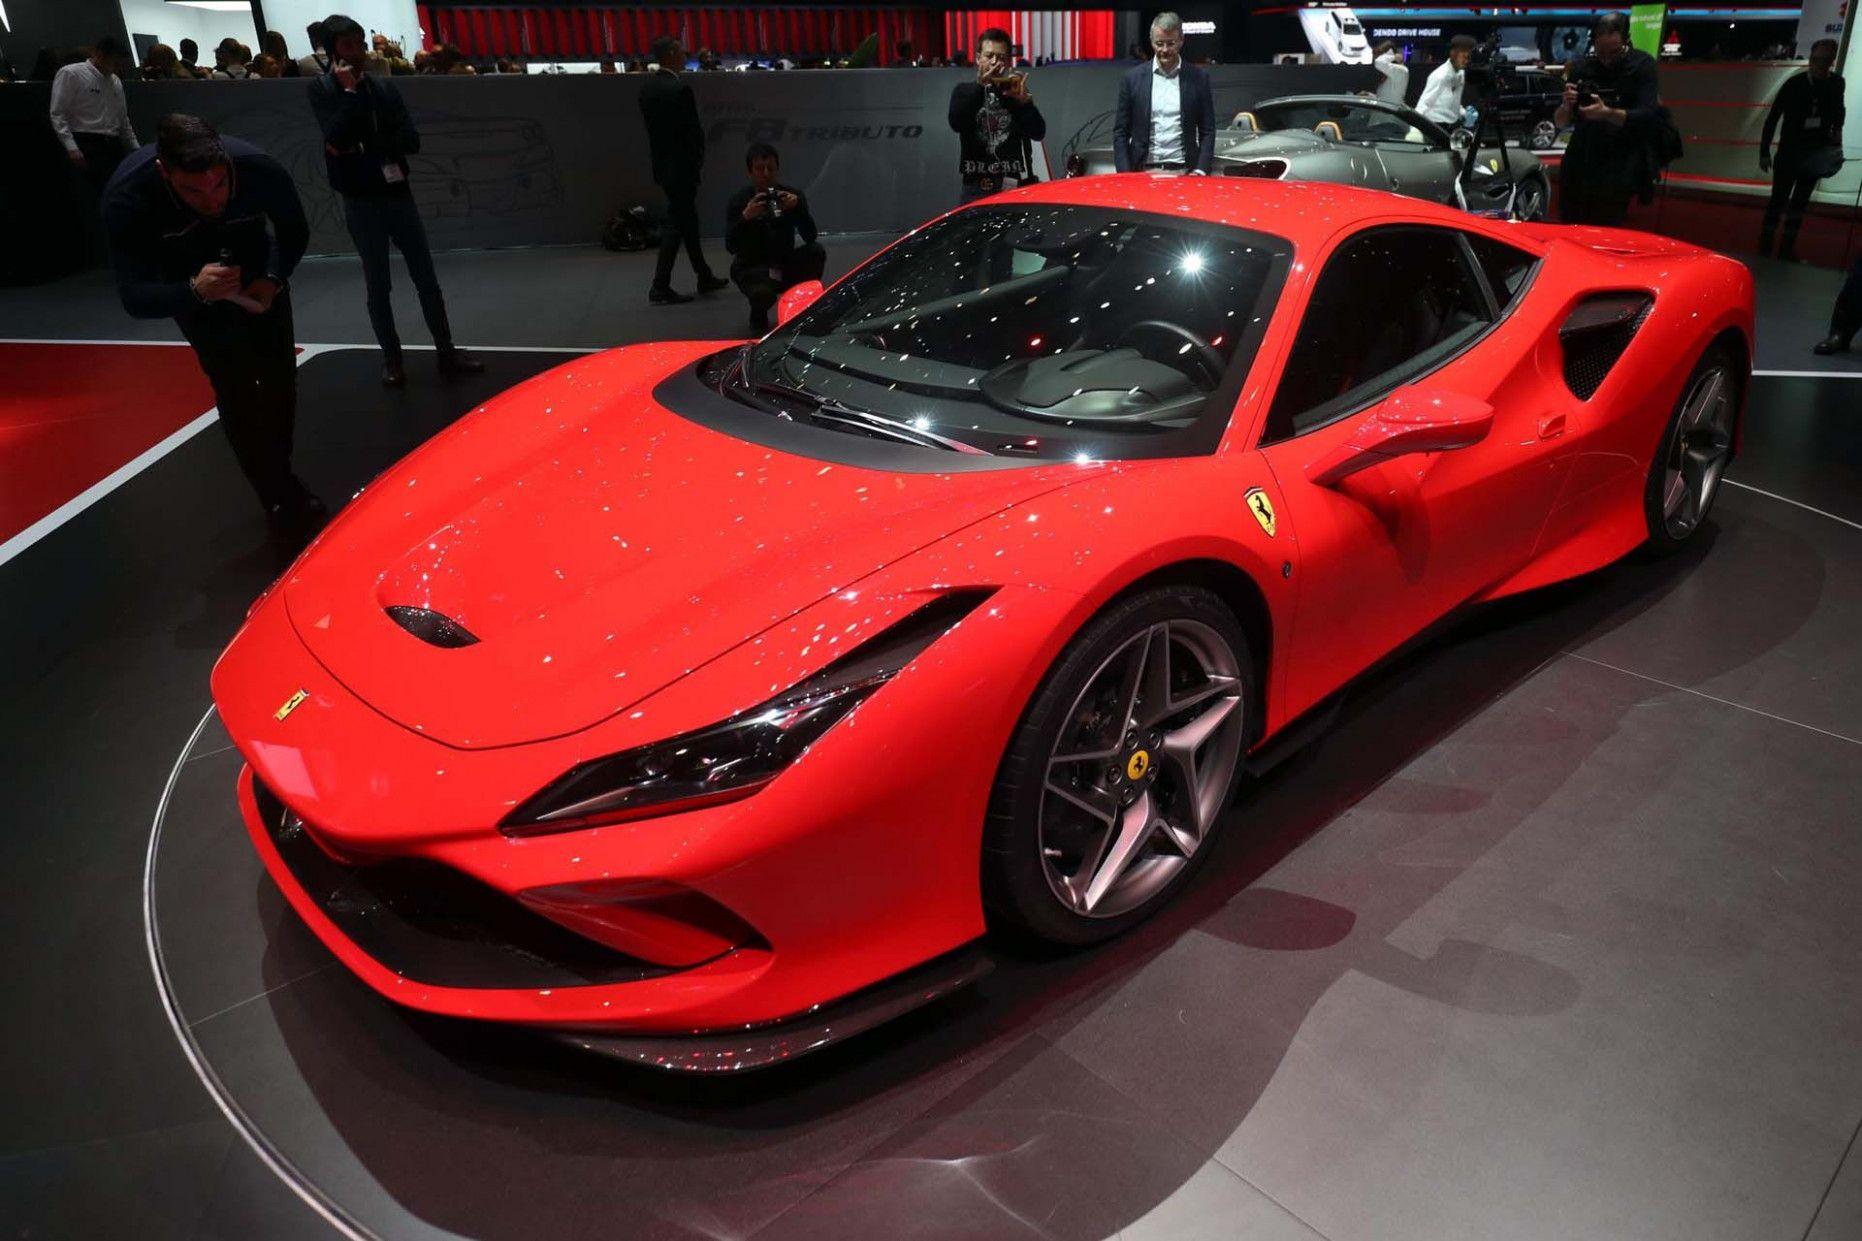 10 Picture Ferrari 2020 Engine Fire Up in 2020 | Ferrari ...